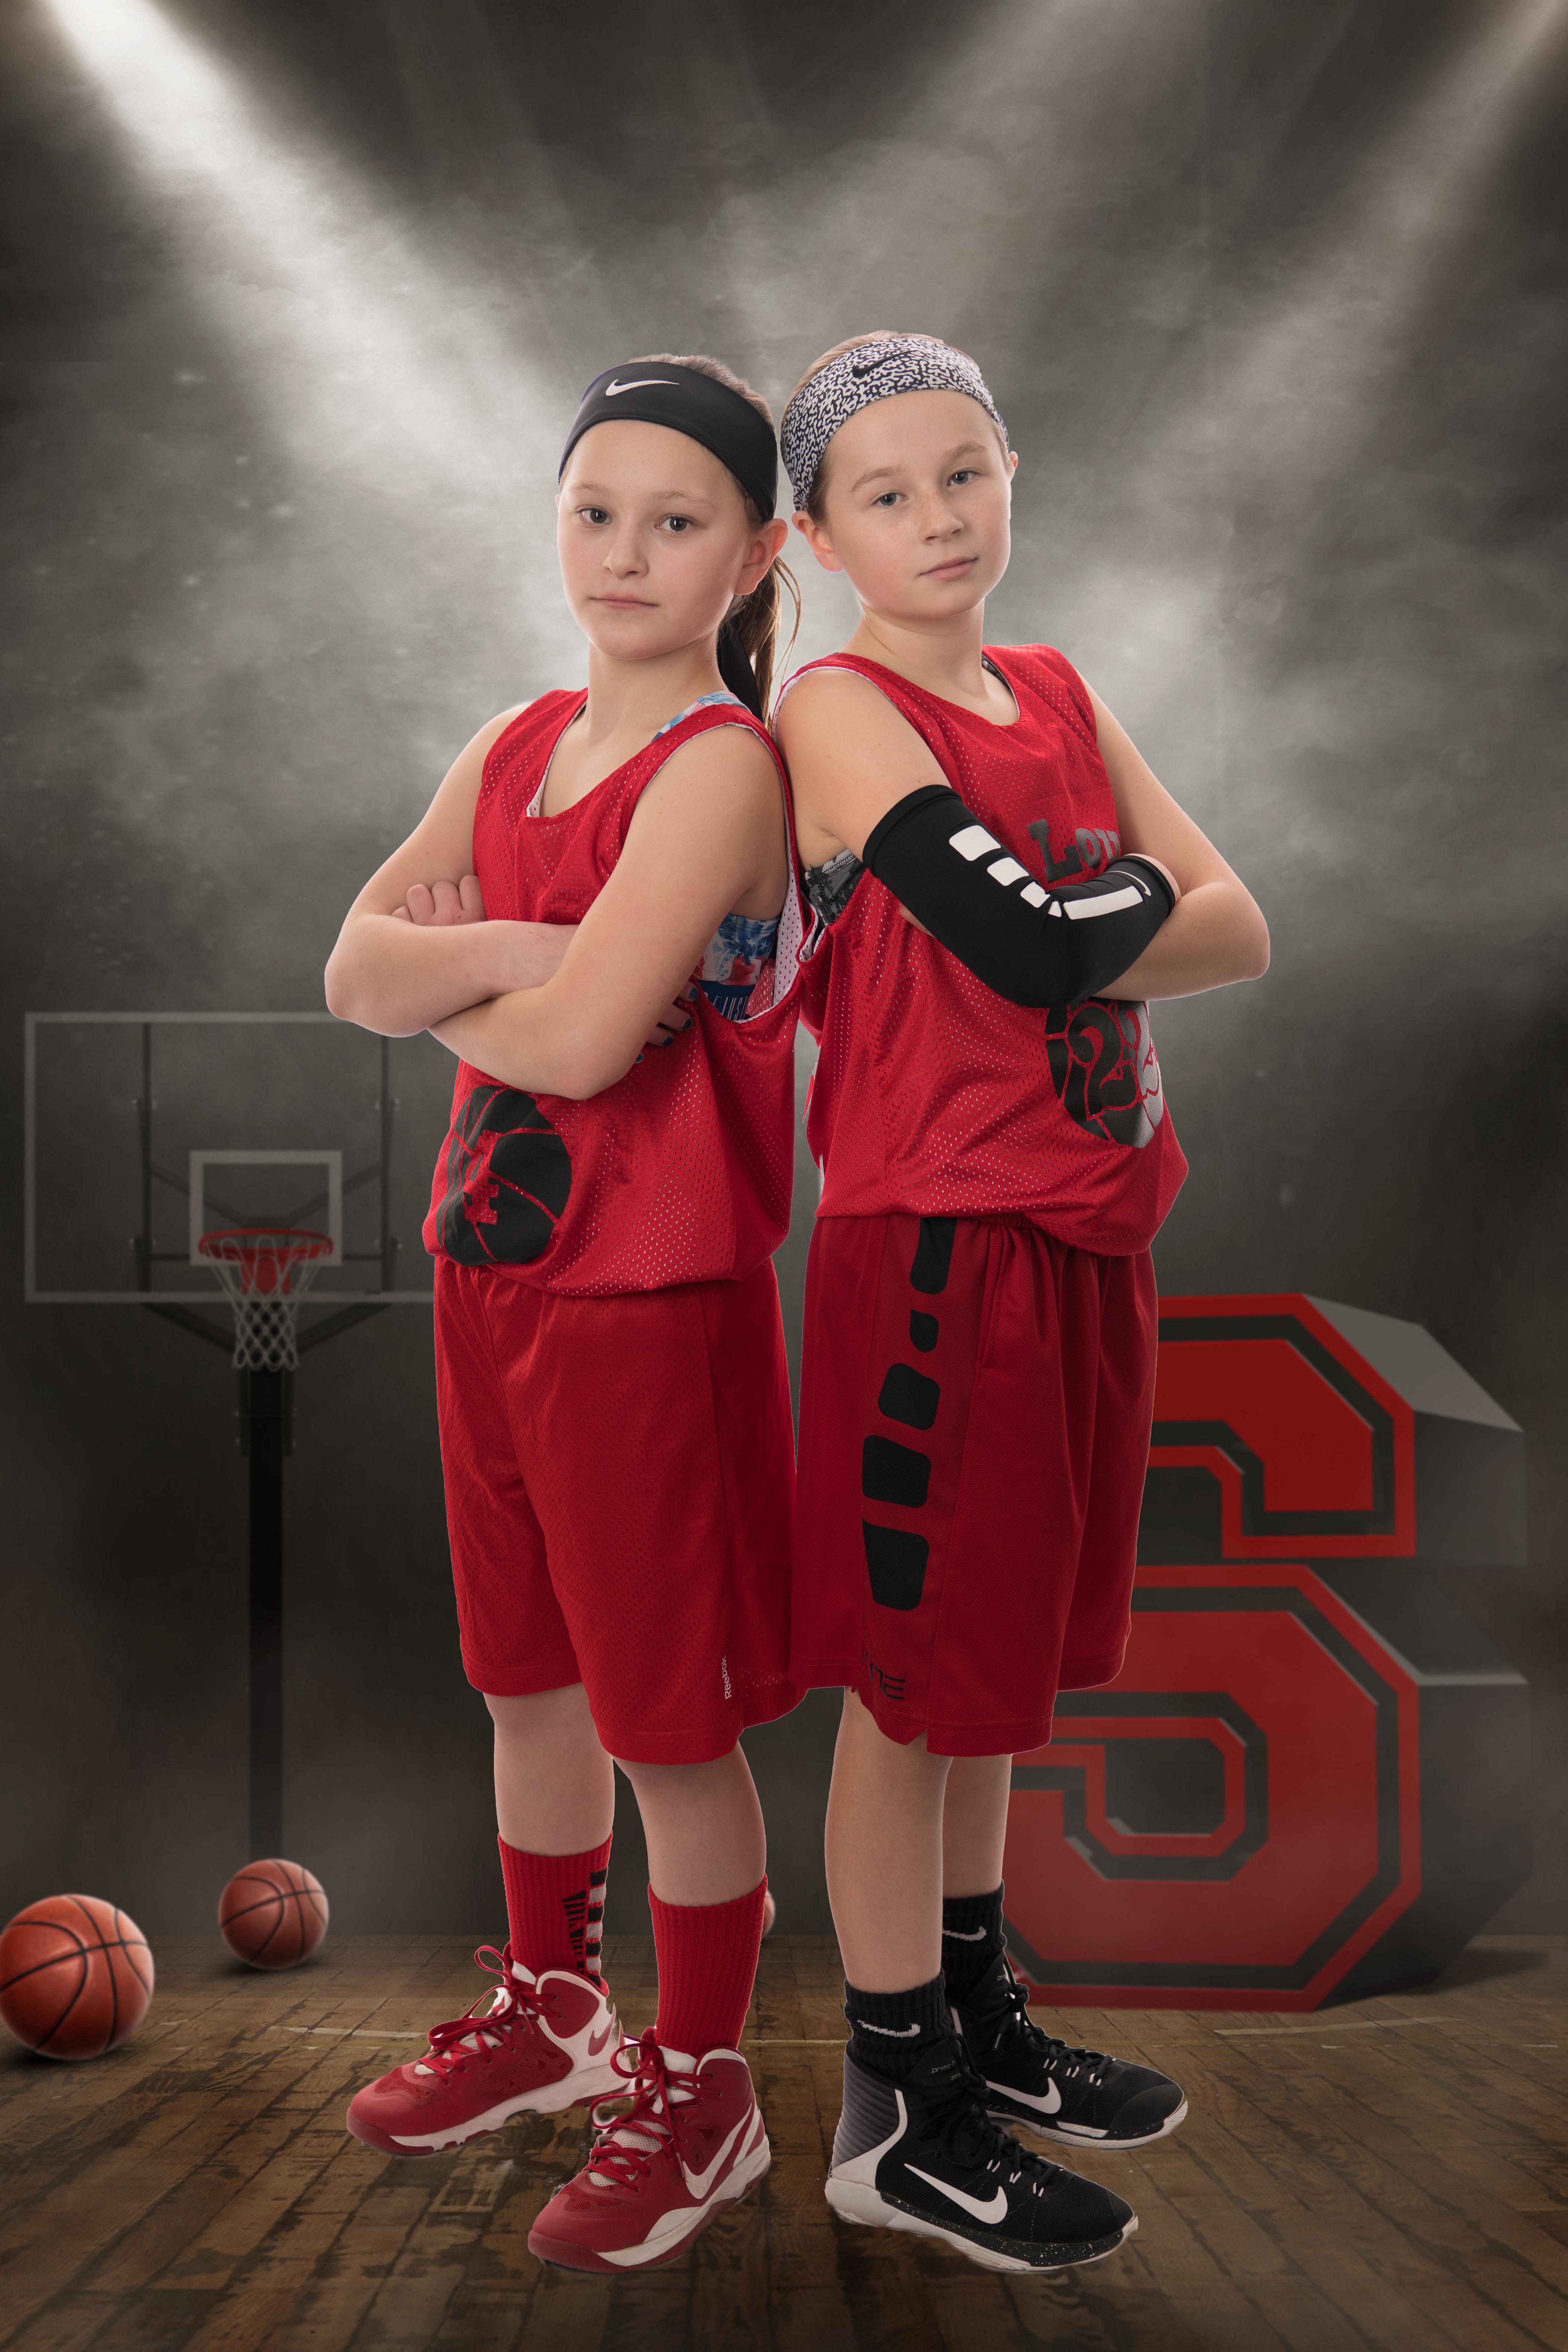 buddy basketball pics